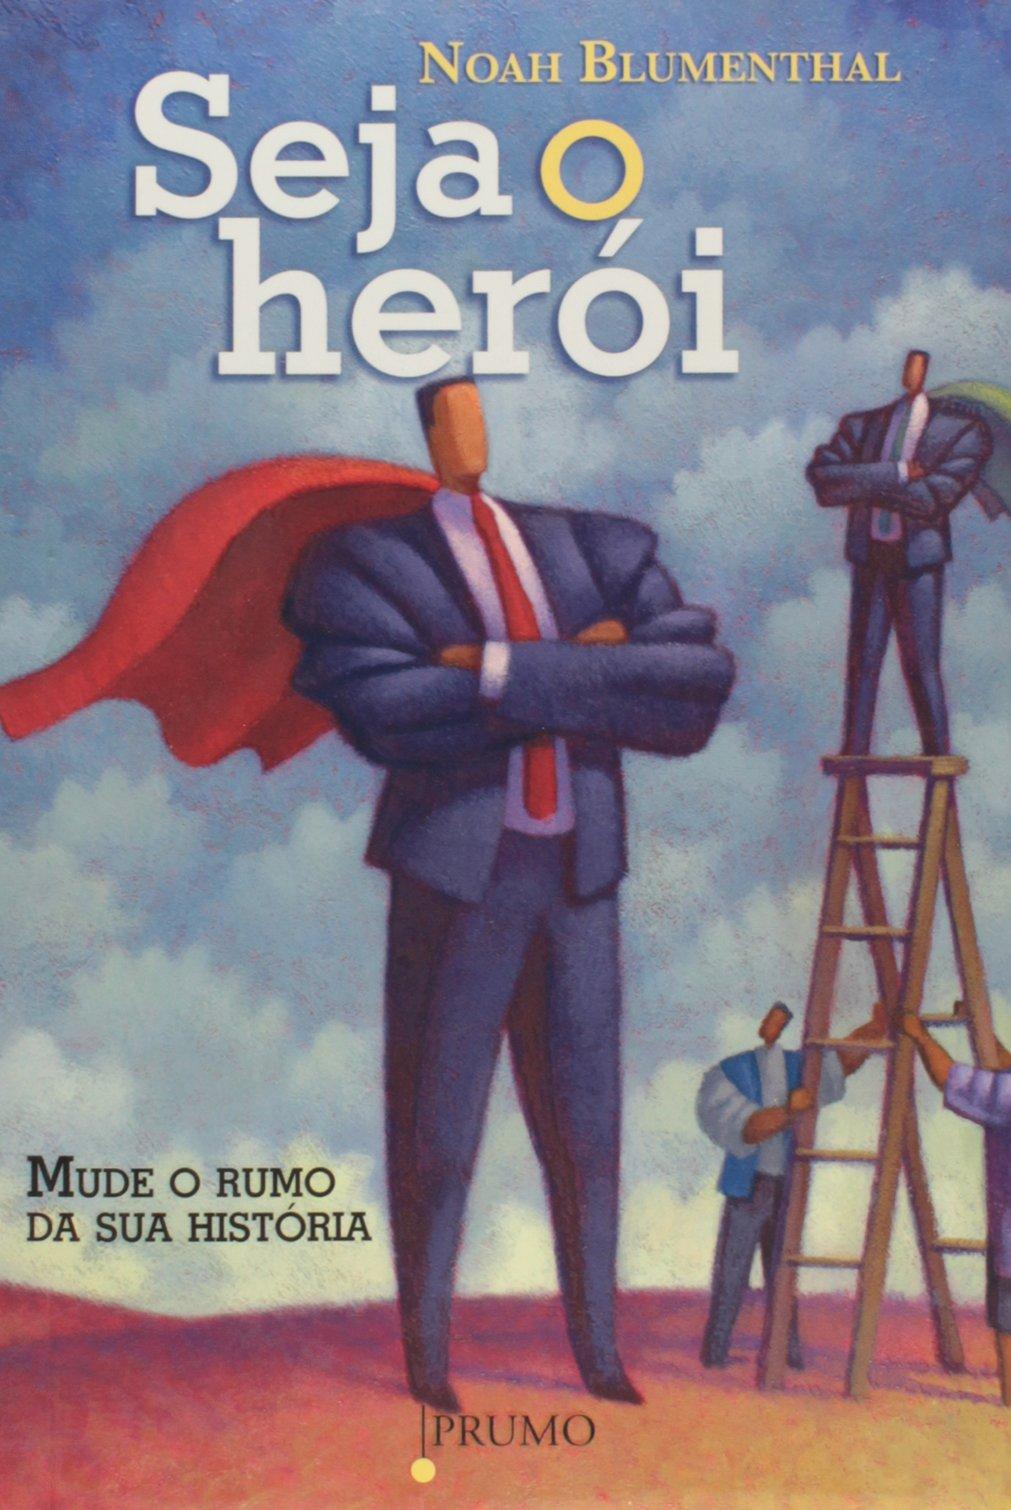 Download Seja O Heroi - Mude O Rumo da Sua Historia (Em Portugues do Brasil) pdf epub